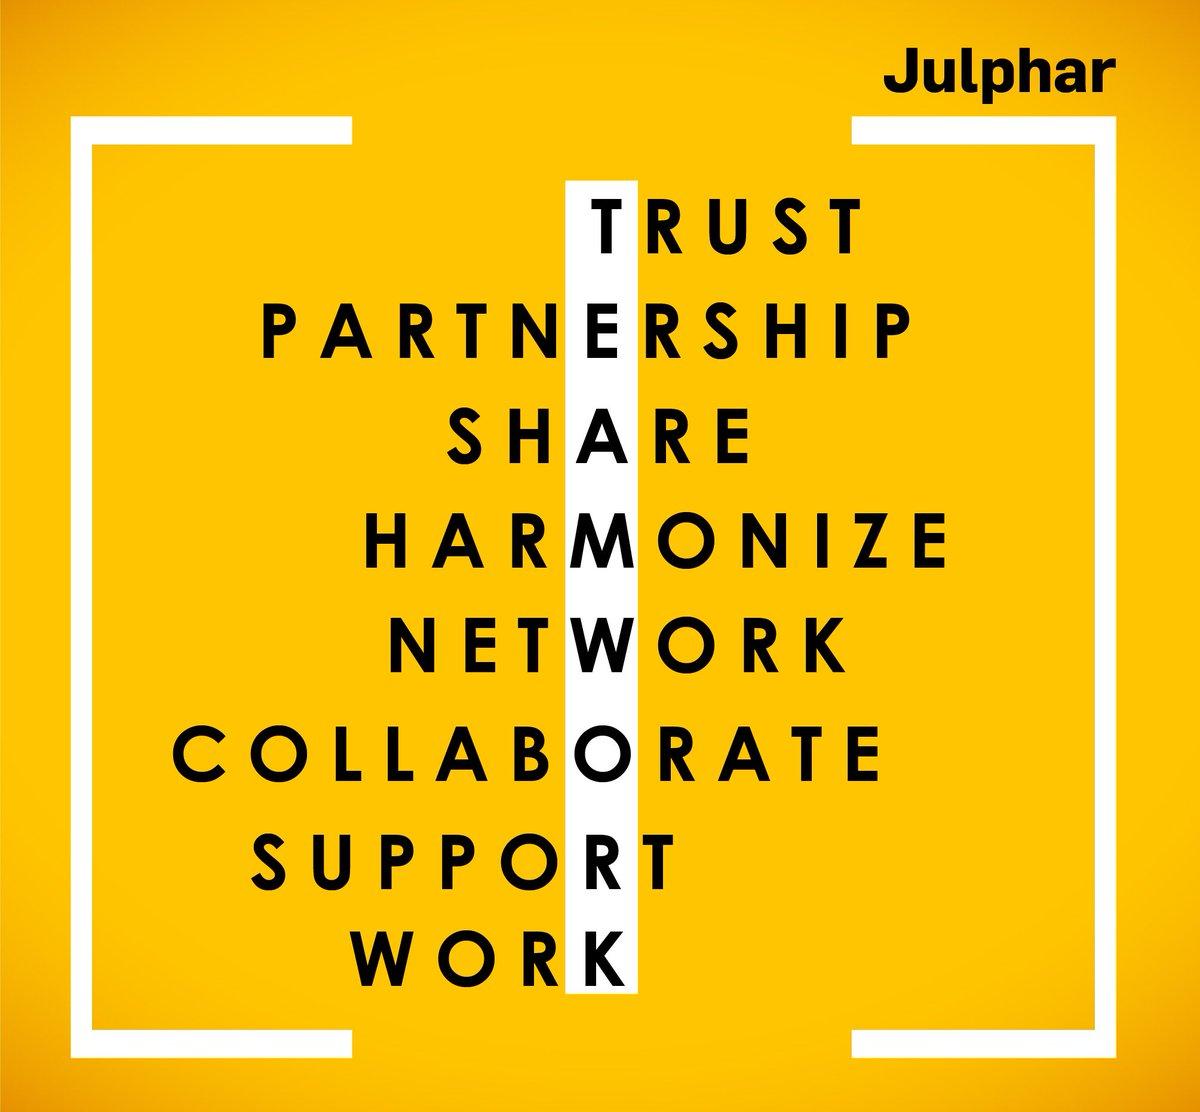 Julphar (@JulpharUAE) | Twitter